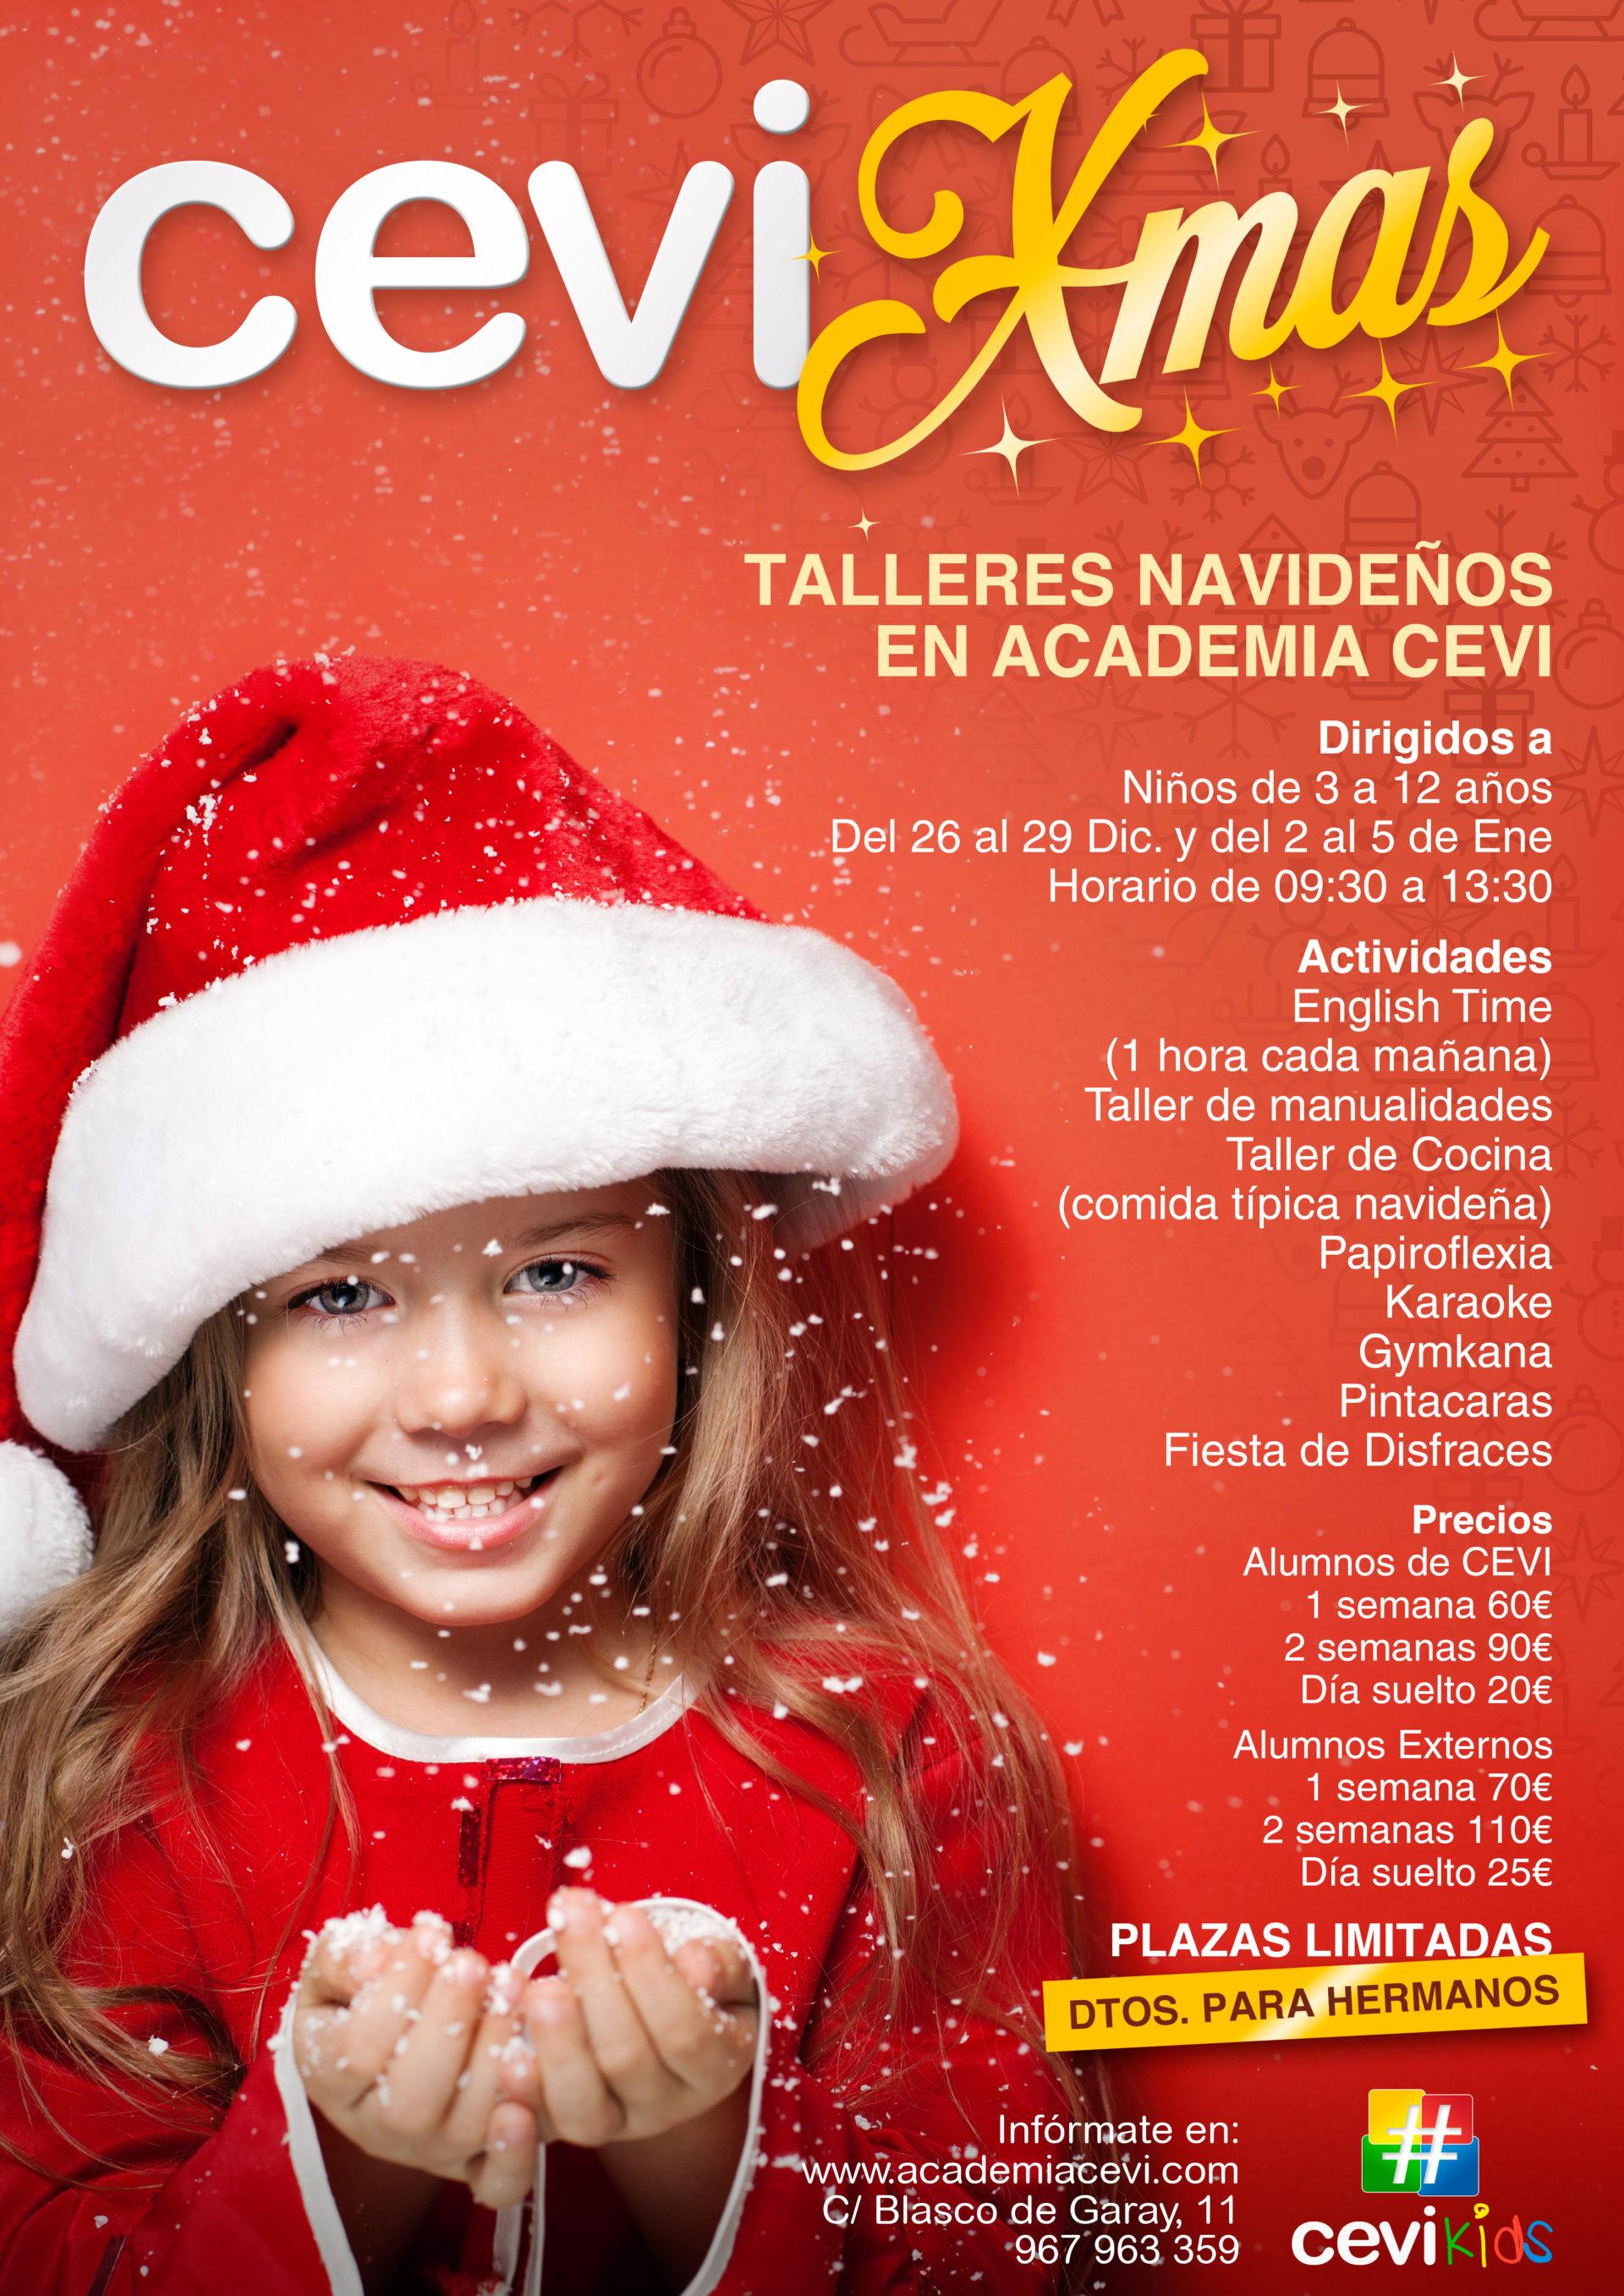 ¡No te pierdas CEVI XMAS, los talleres navideños para niños de CEVI KIDS!